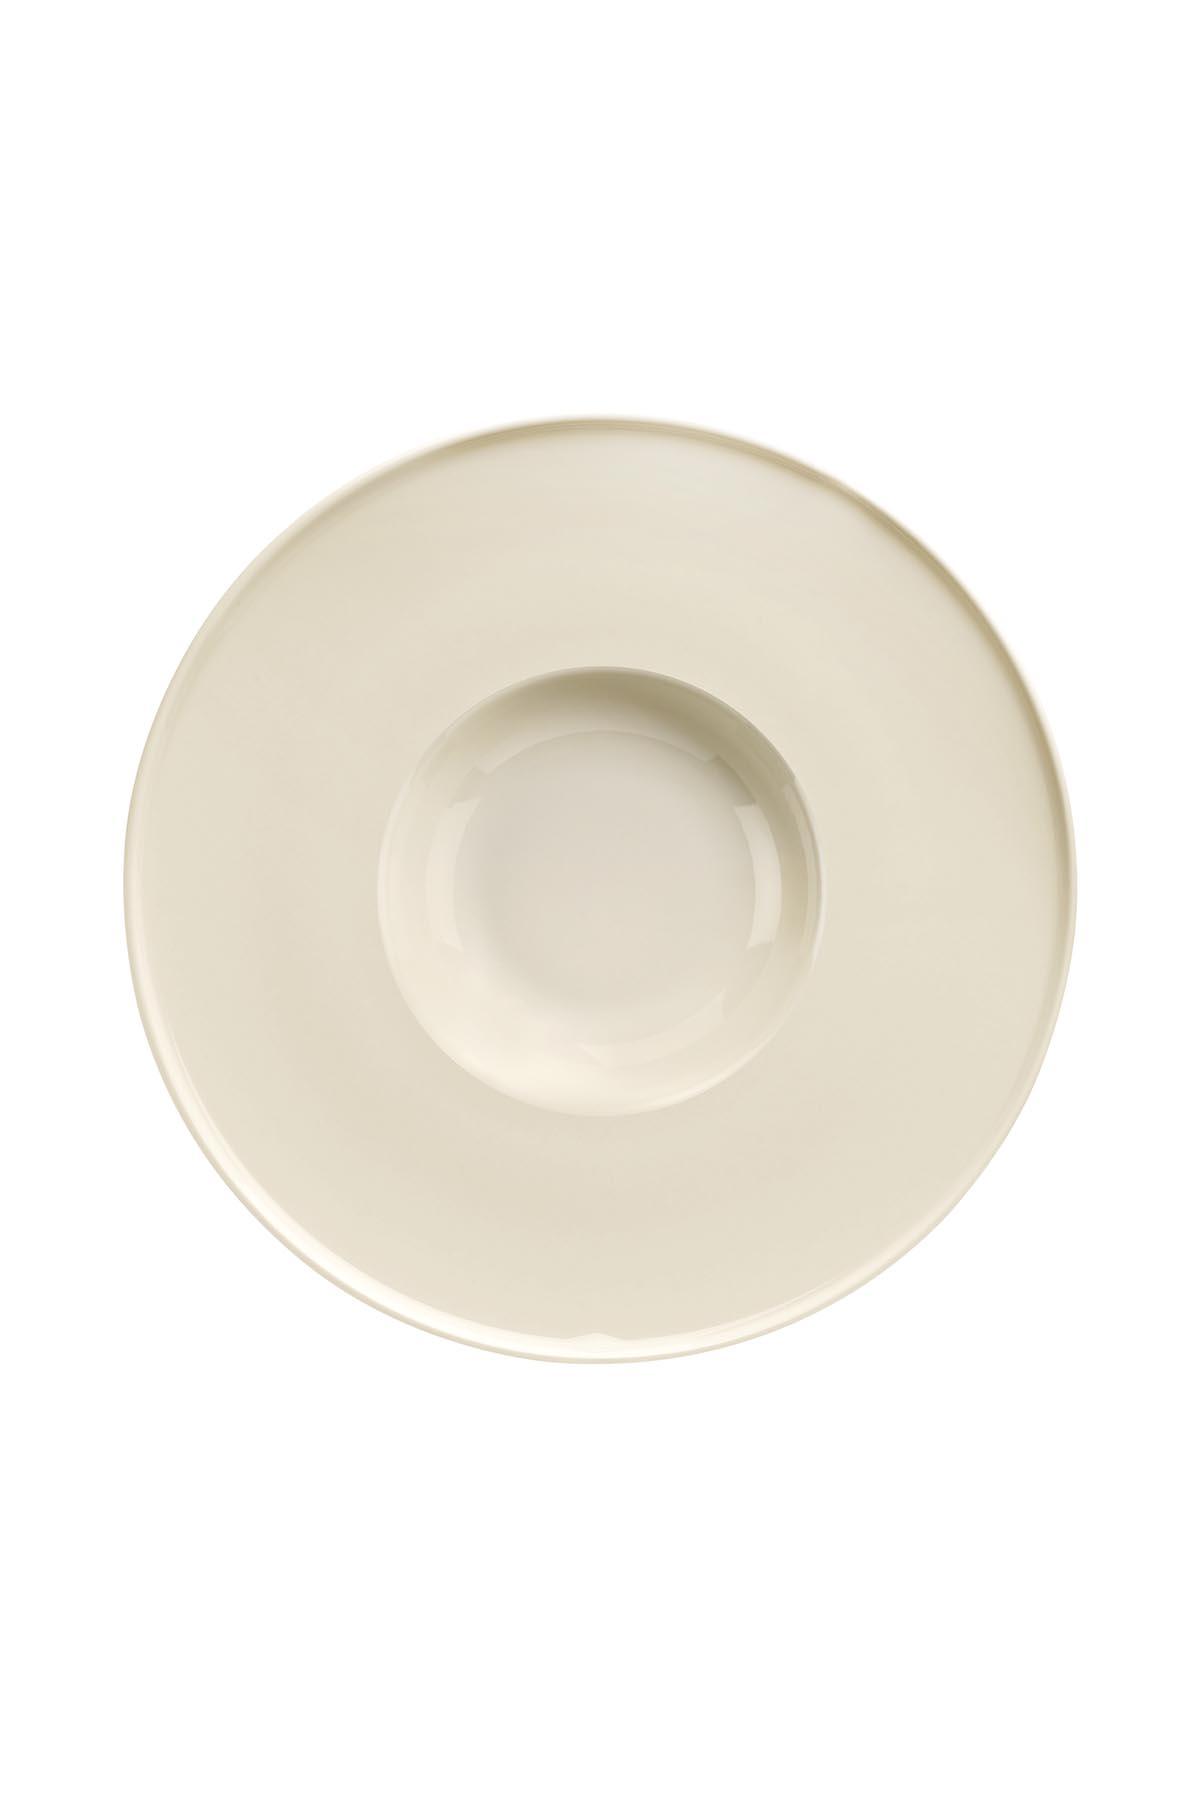 Kütahya Porselen - Kütahya Porselen Chef Taste Of 24 cm Spagetti Tabağı Krem